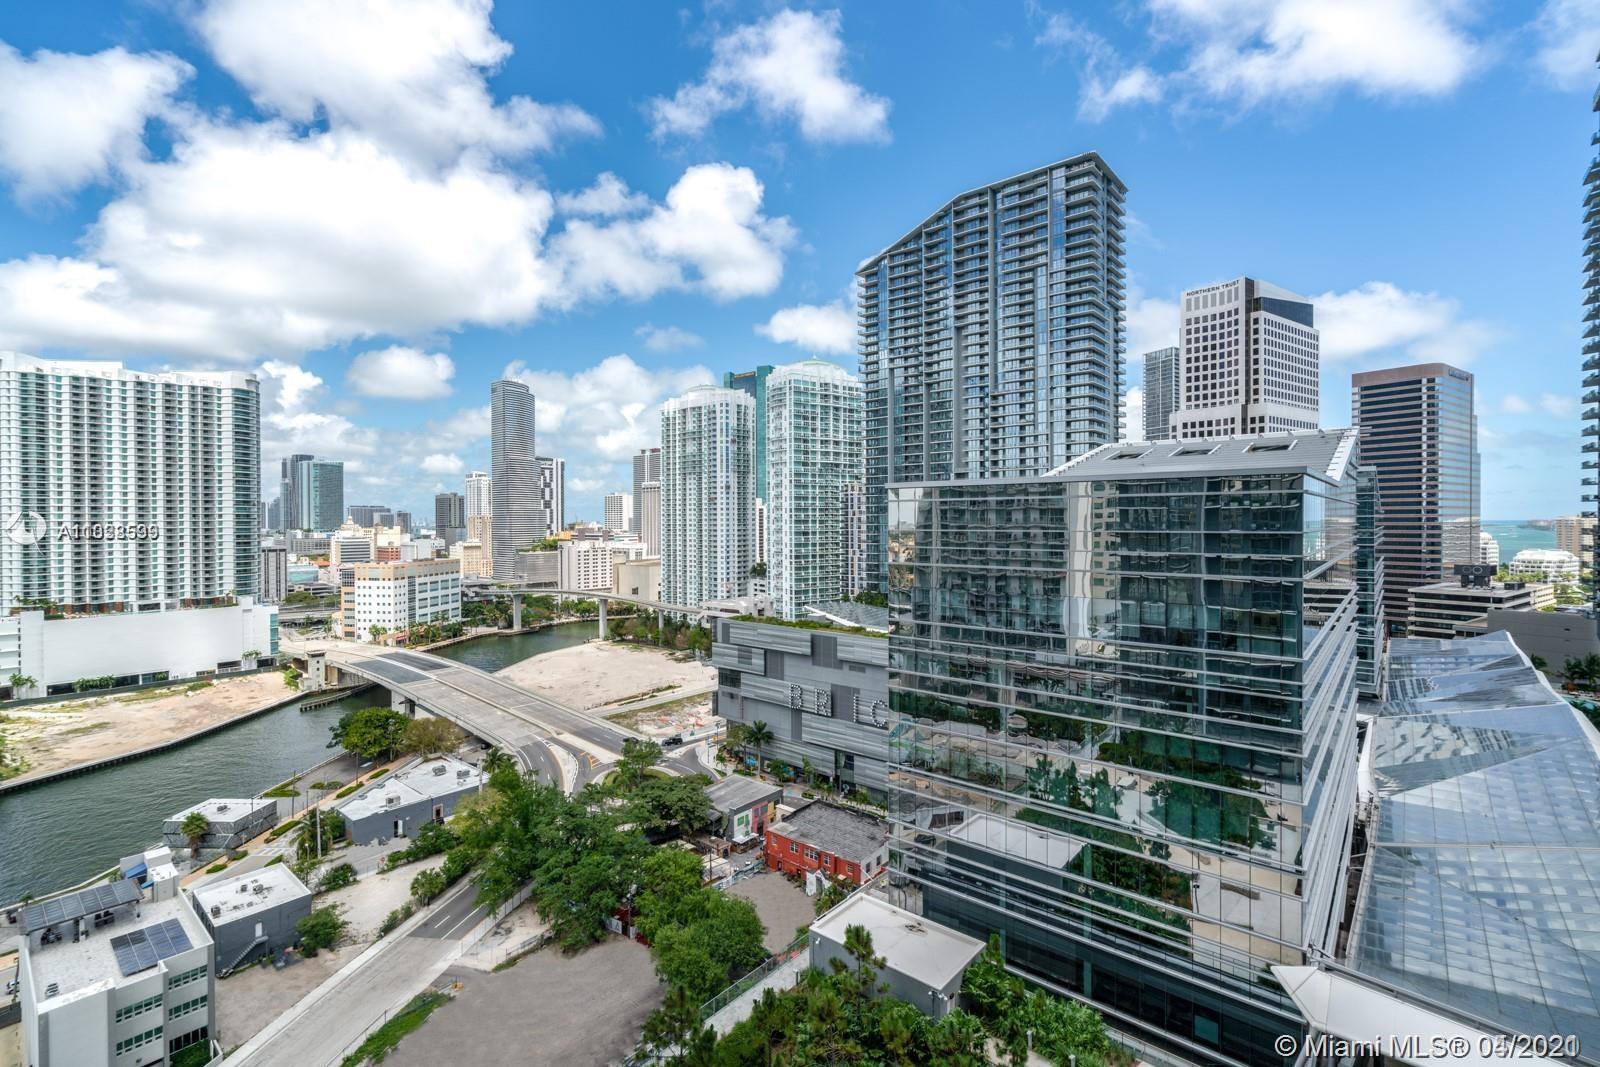 Rise Brickell City Centre #1107 - 88 SW 7 ST #1107, Miami, FL 33131